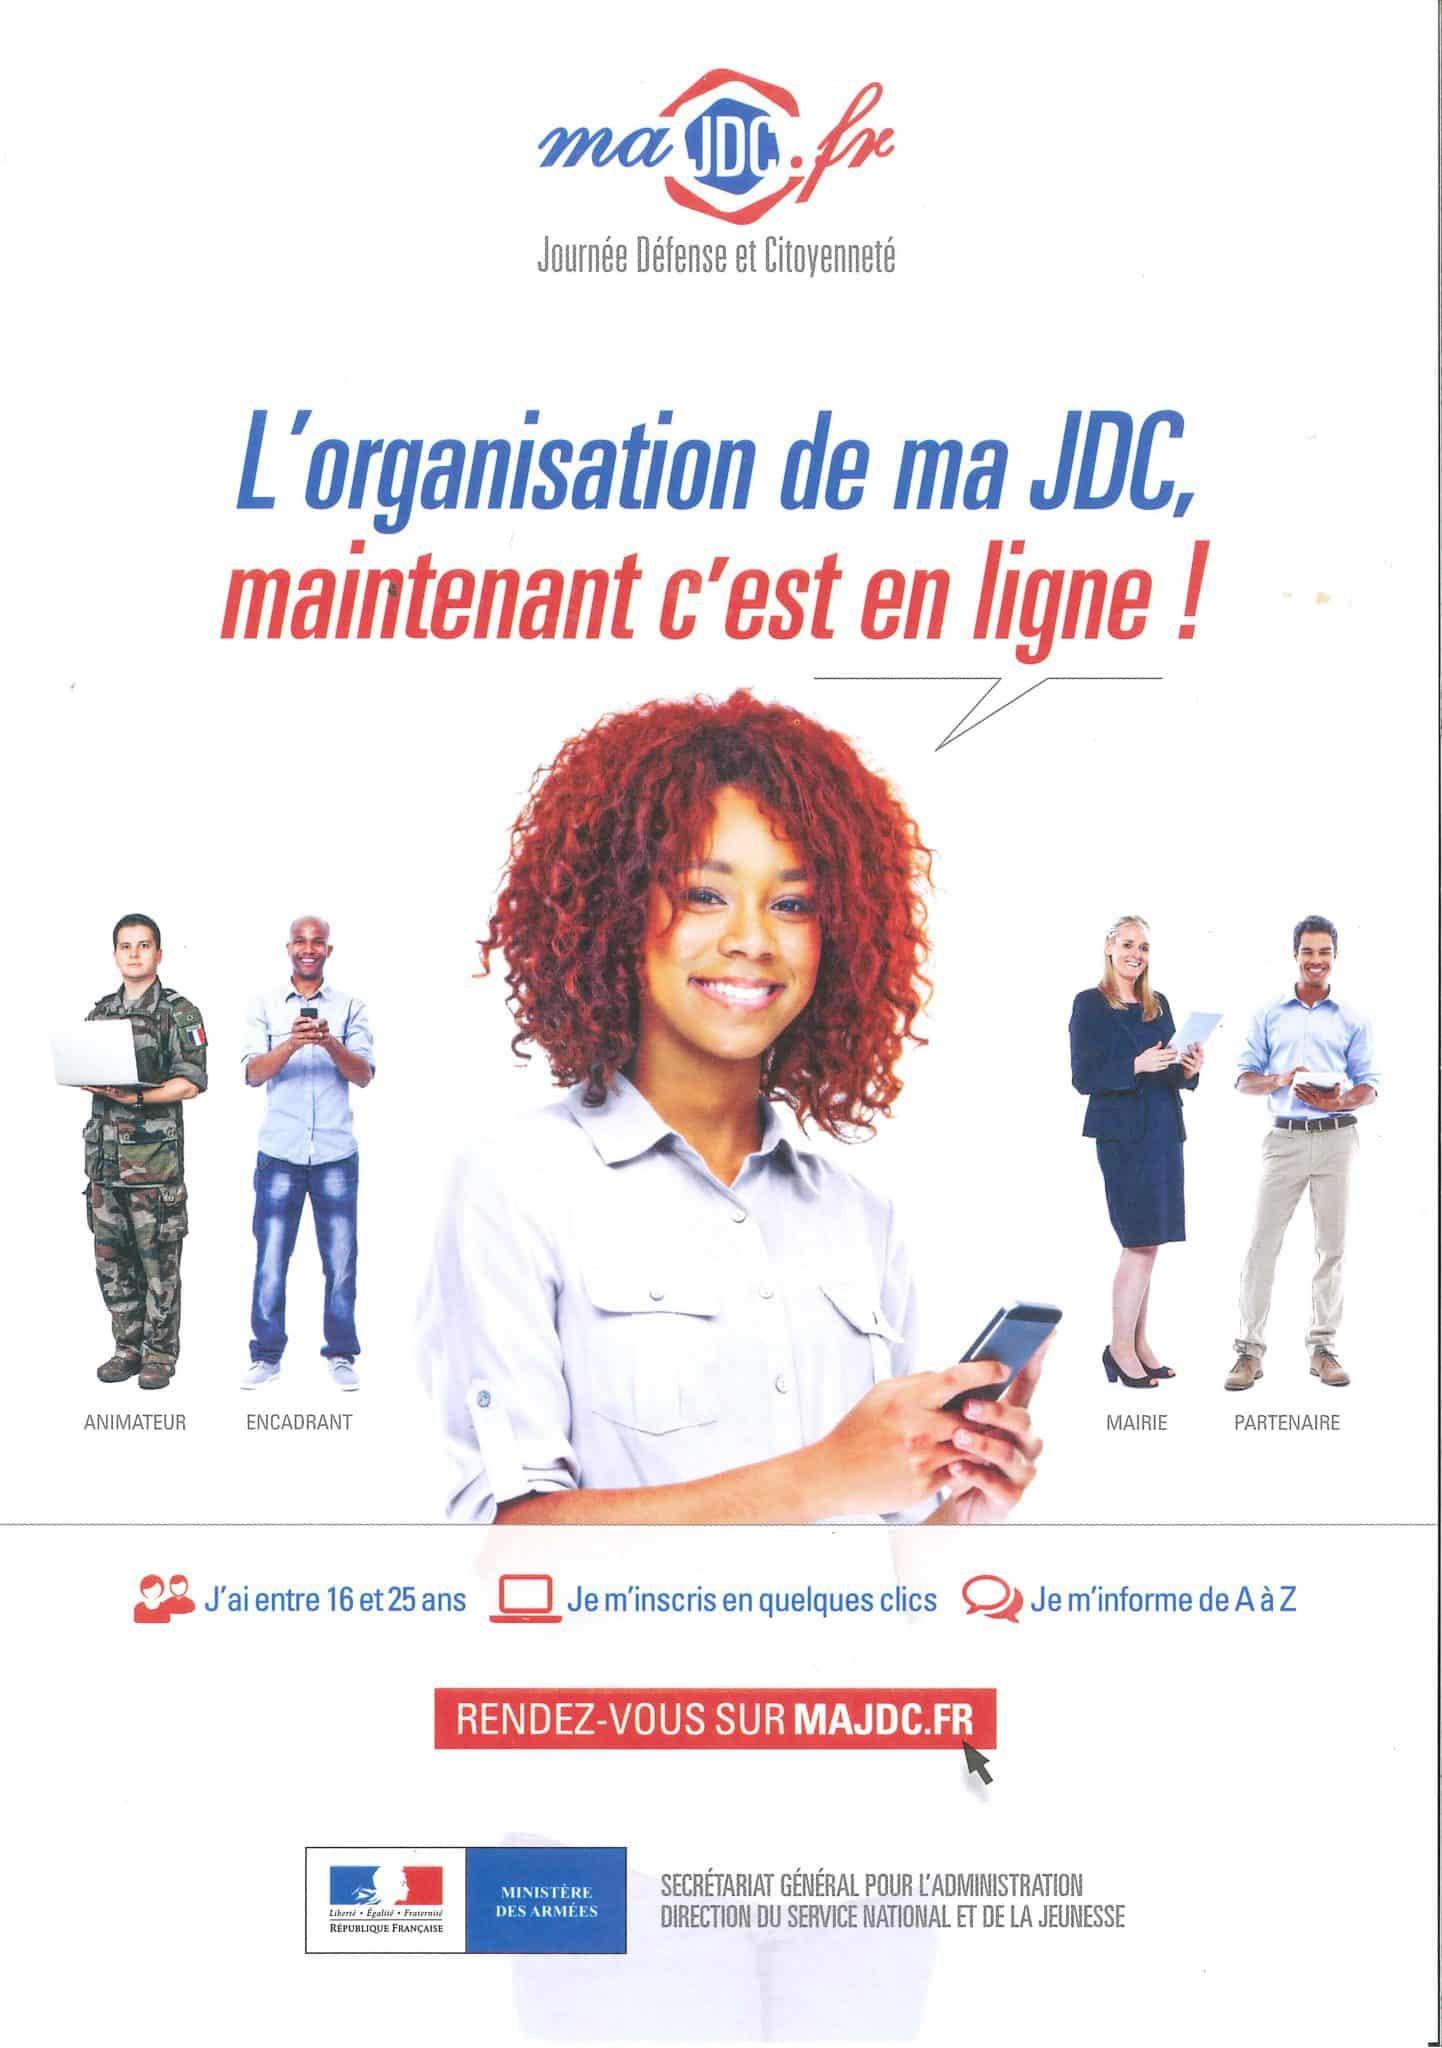 Journée défense et citoyenneté – JDC